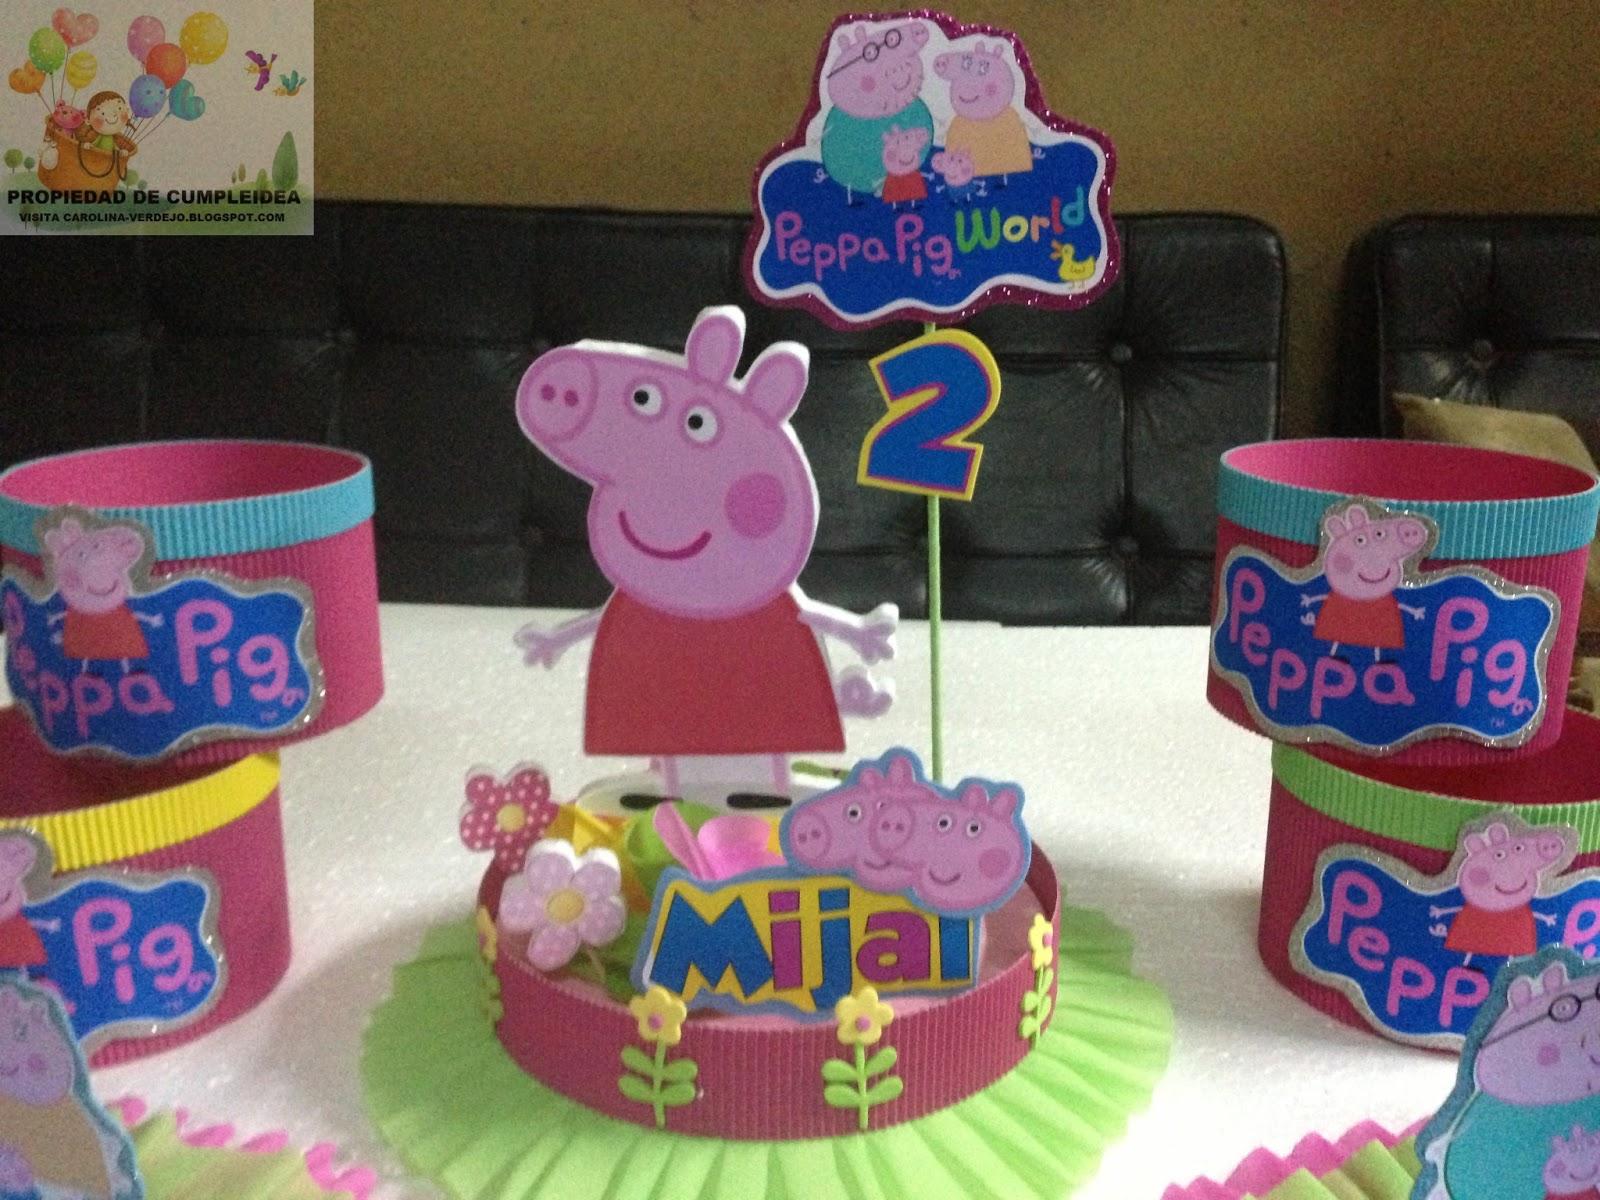 Decoraciones infantiles peppa pig for Mesa de peppa pig